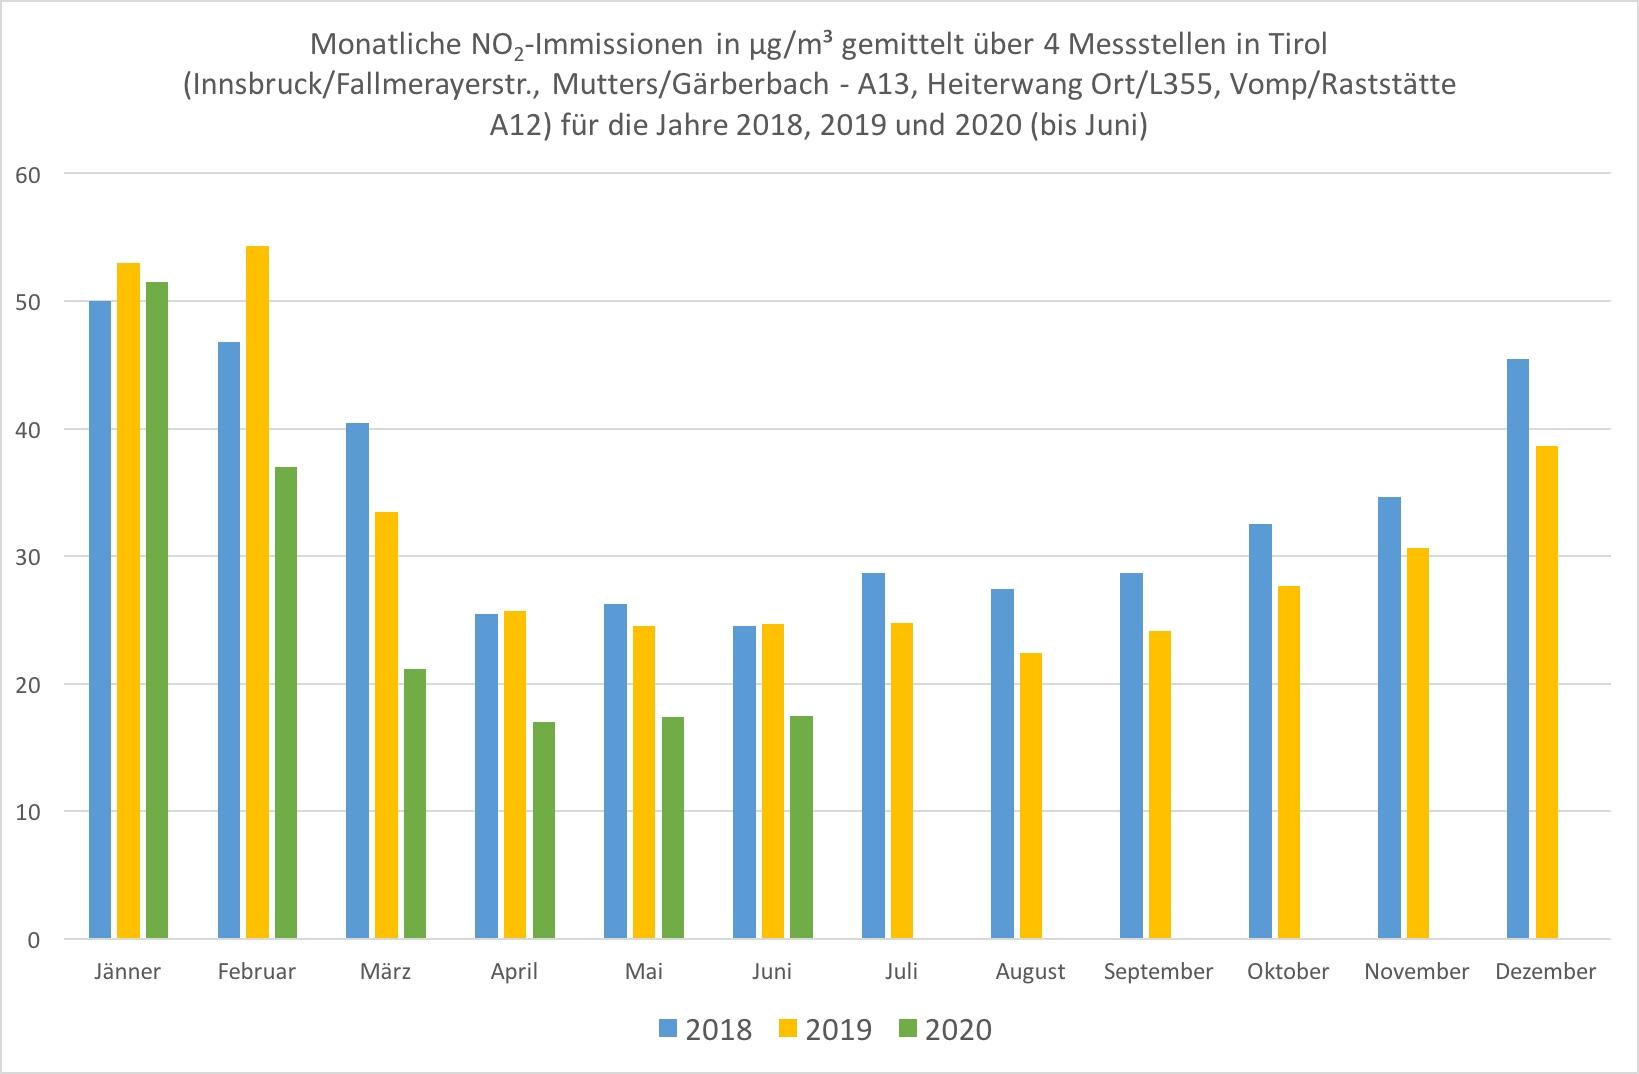 Abb. 4 Die monatlichen NO2-Immissionen zeigen eine deutliche jahreszeitliche Schwankung. Die Werte für März, April, Mai und Juni 2020 sind dennoch markant niedriger als in den Vorjahren. Quelle Rohdaten: Amt der Tiroler Landesregierung, Abteilung Waldschutz